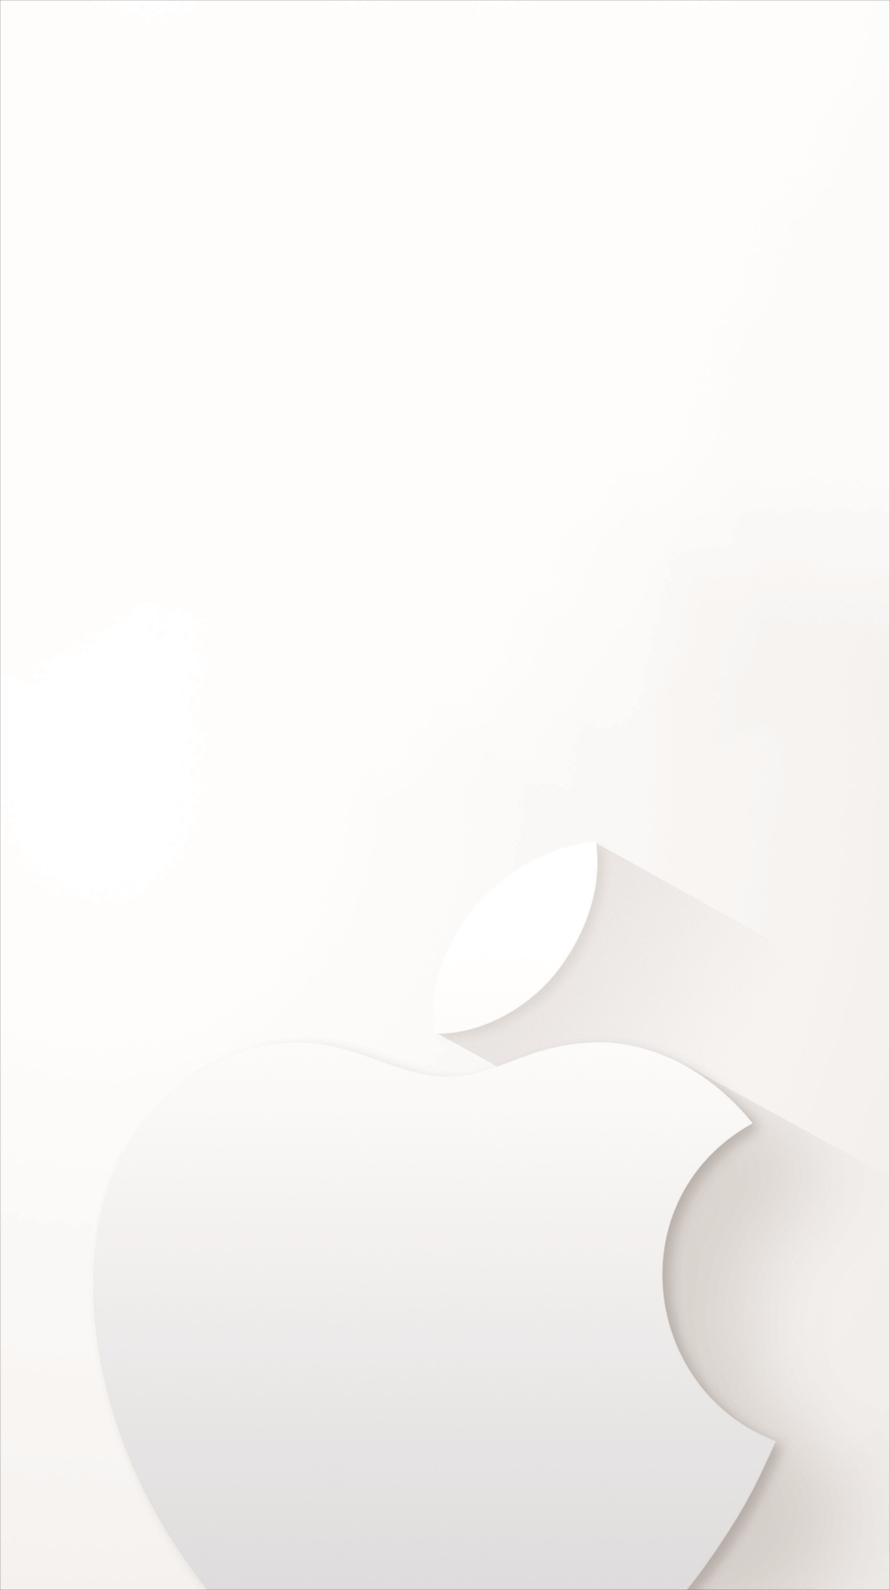 ミニマル ホワイト アップルロゴ iPhone6壁紙